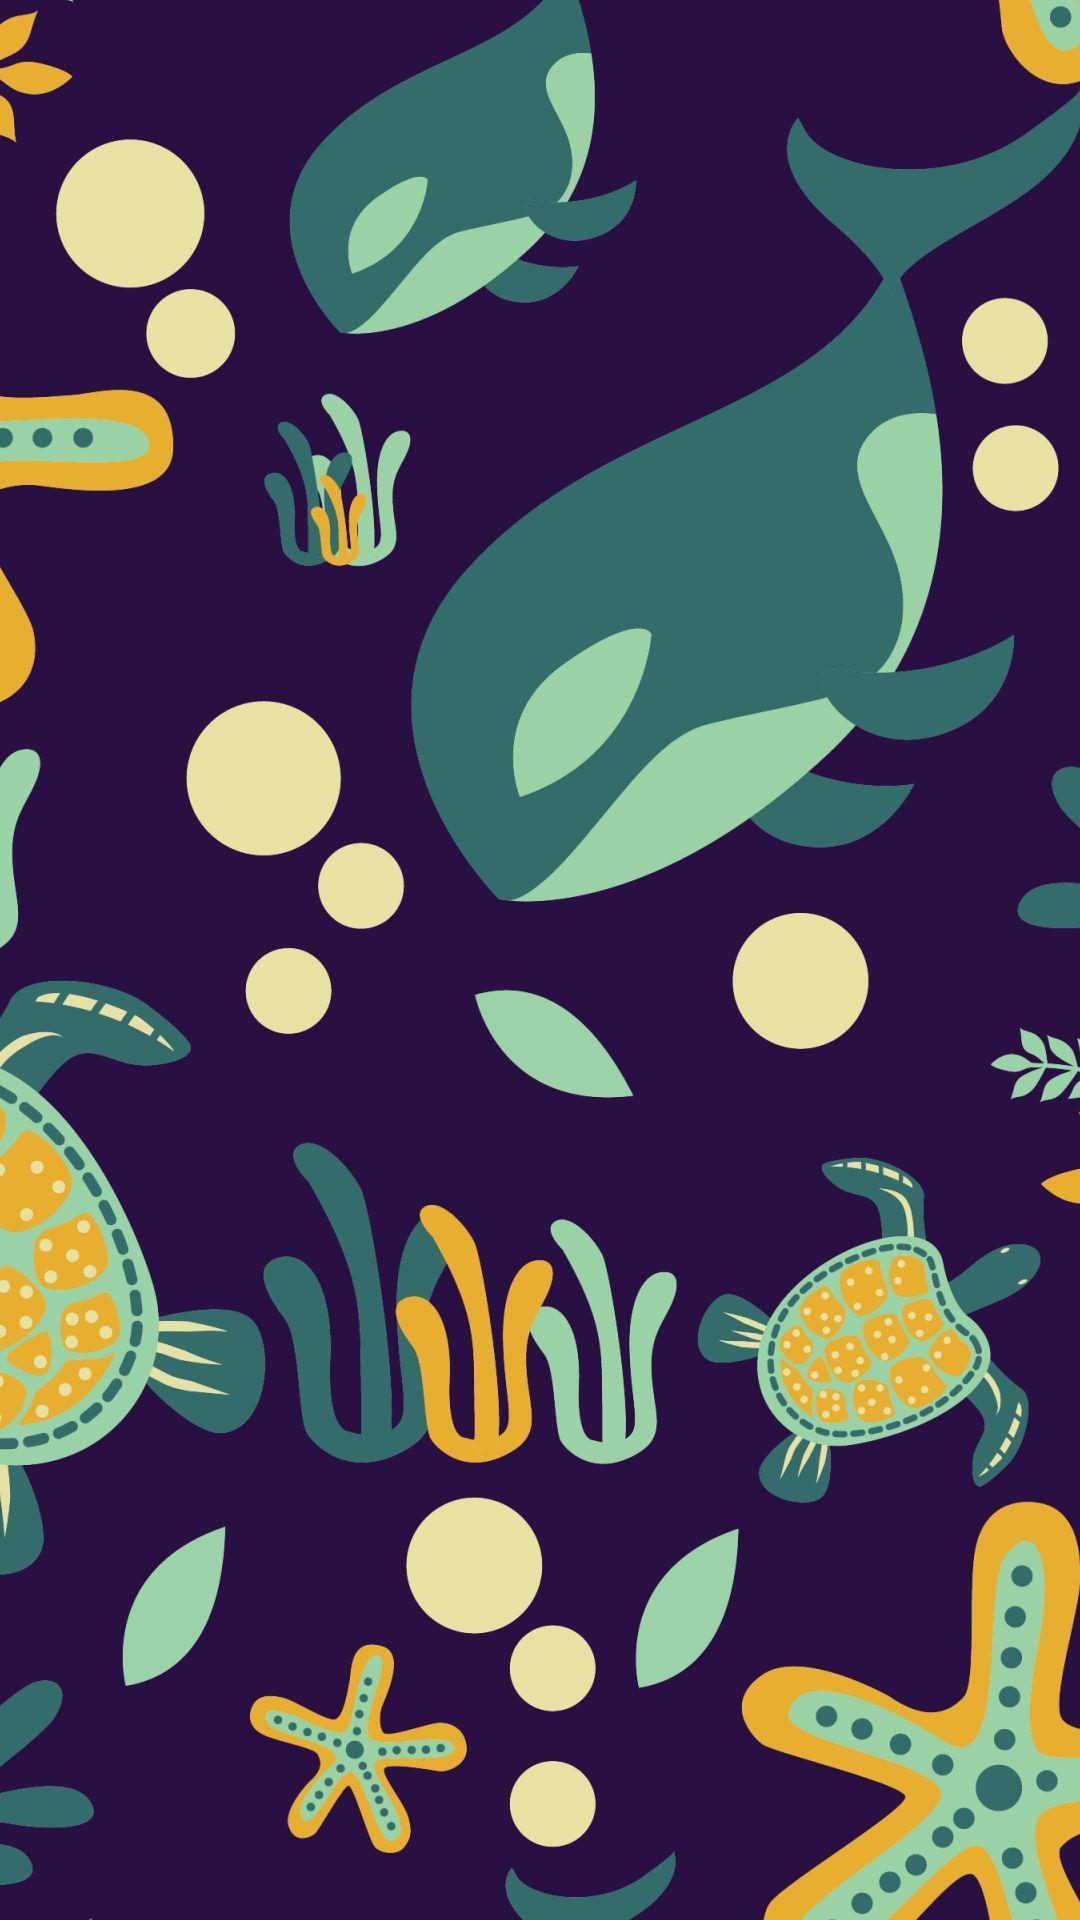 Fish Clean iPhone lock screen wallpaper